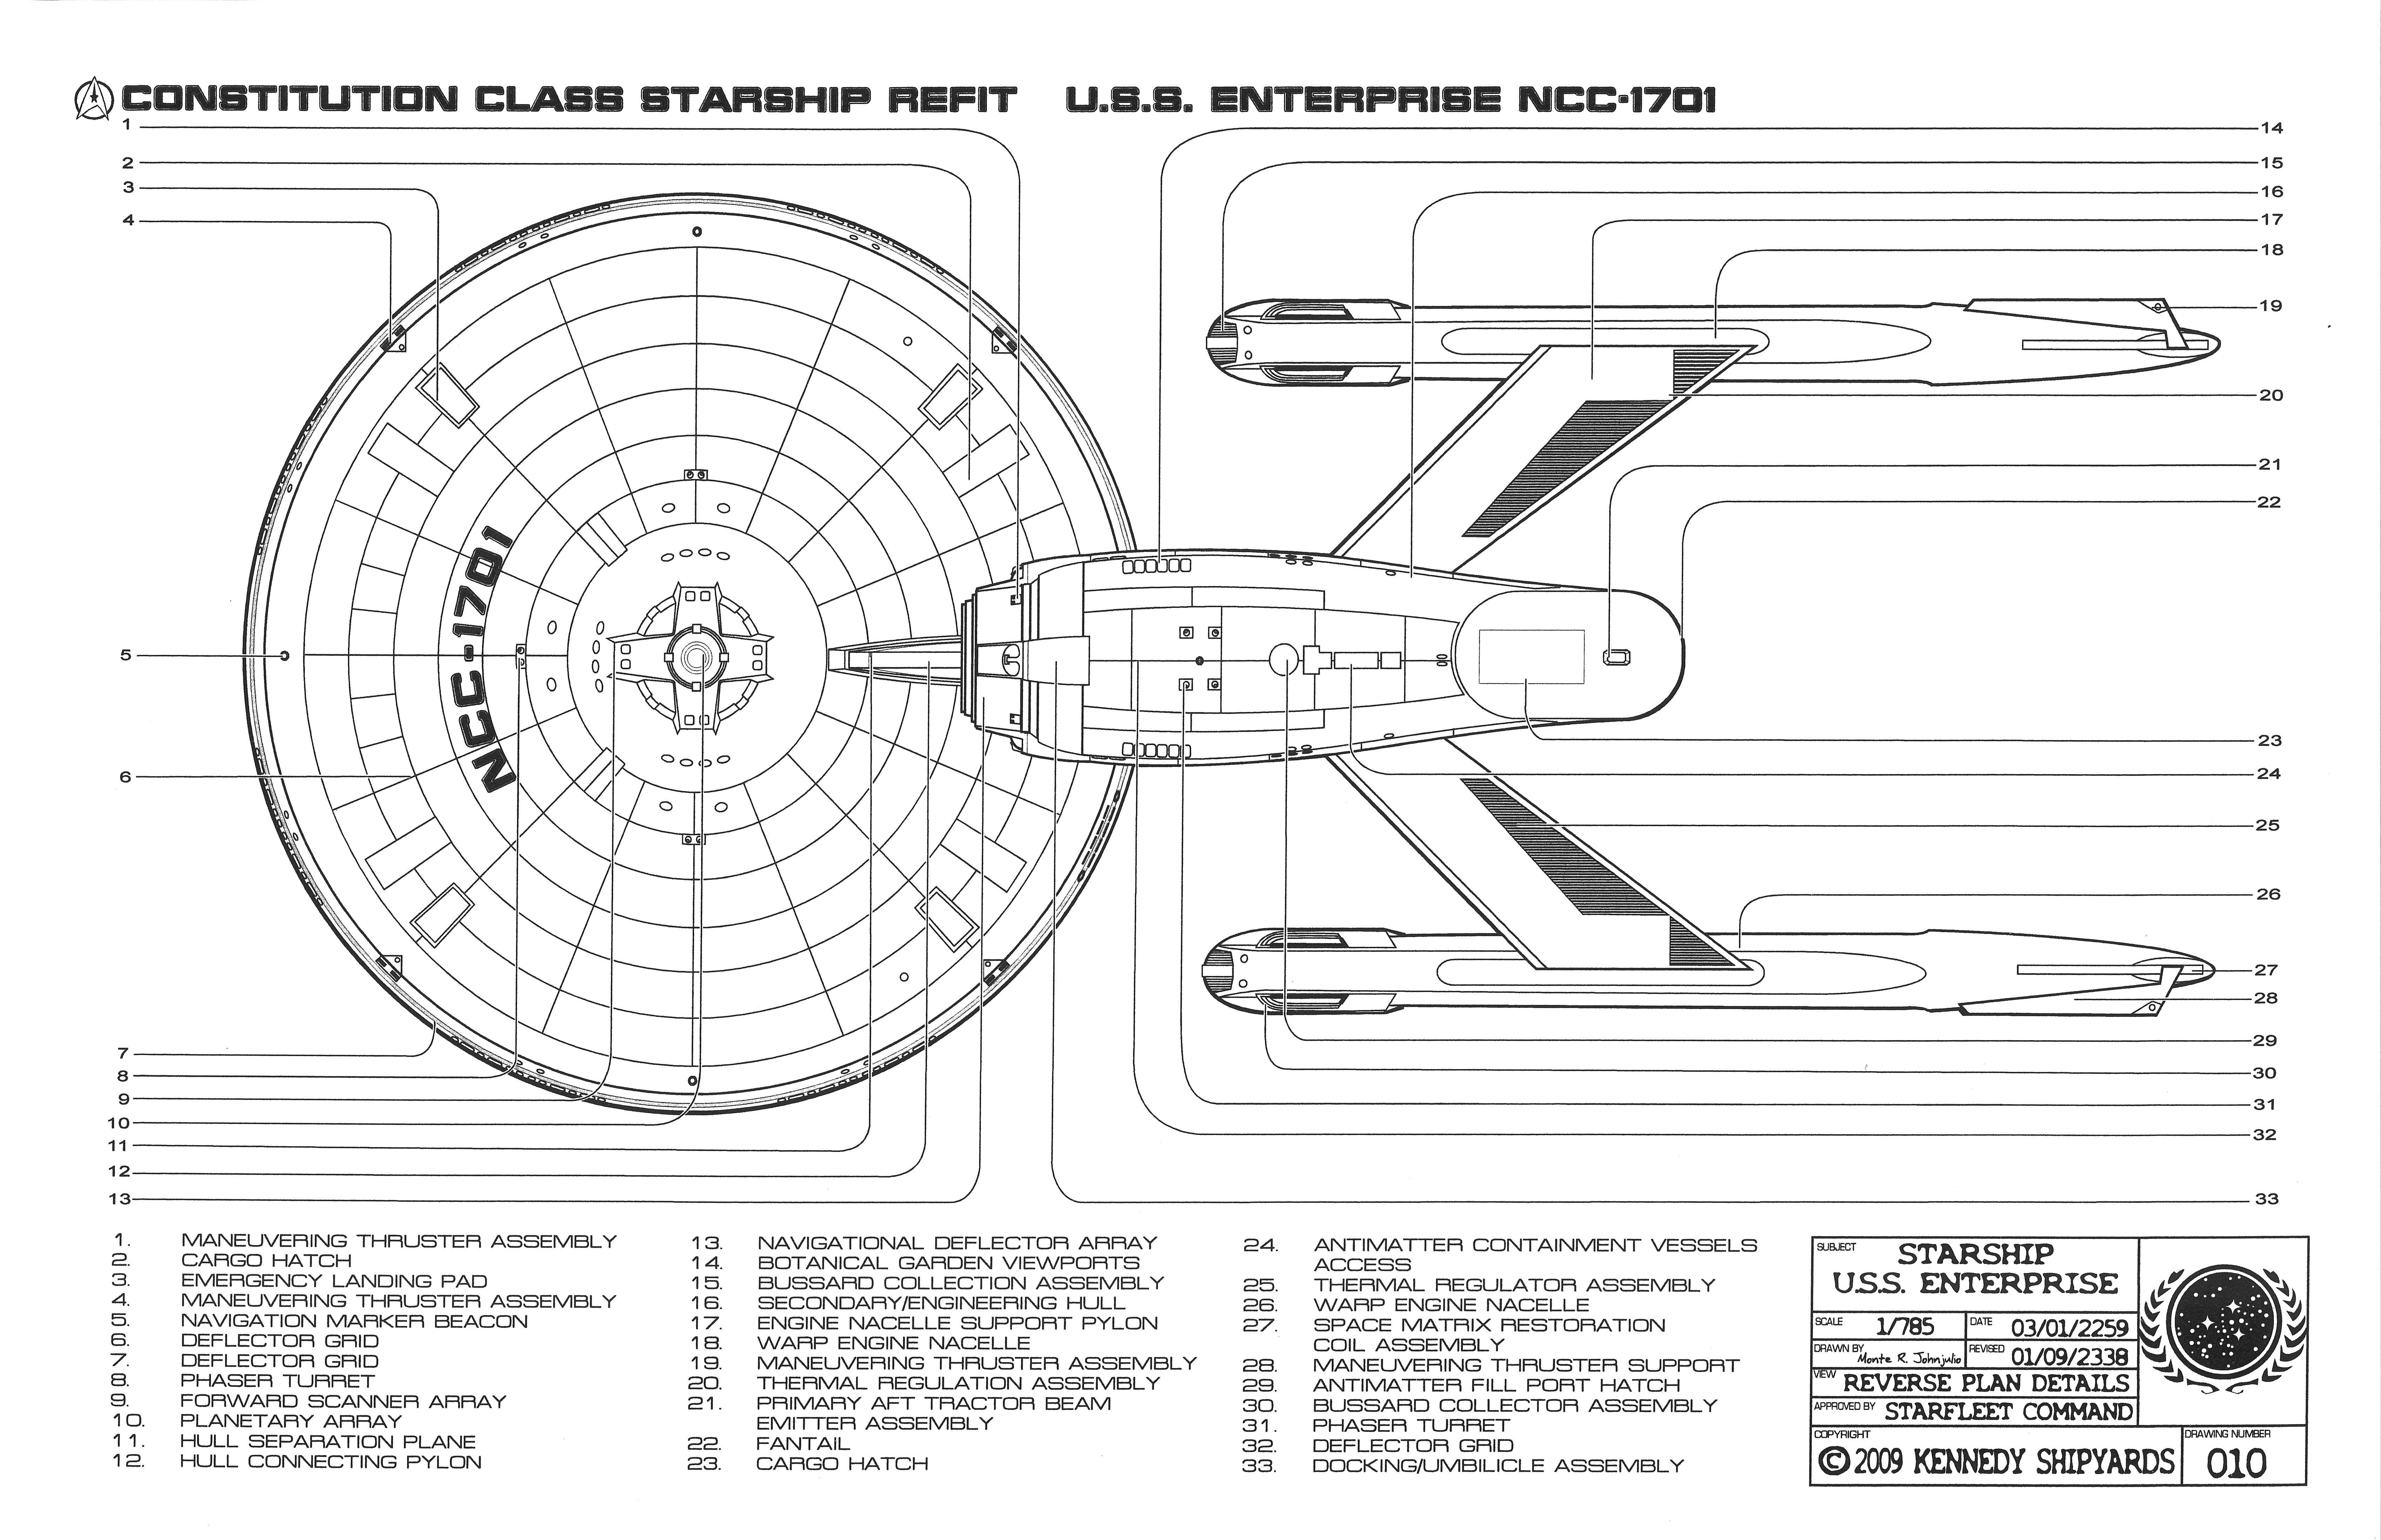 U.S.S. Enterprise NCC 1701   Constitution Class Starship Refit Blueprints